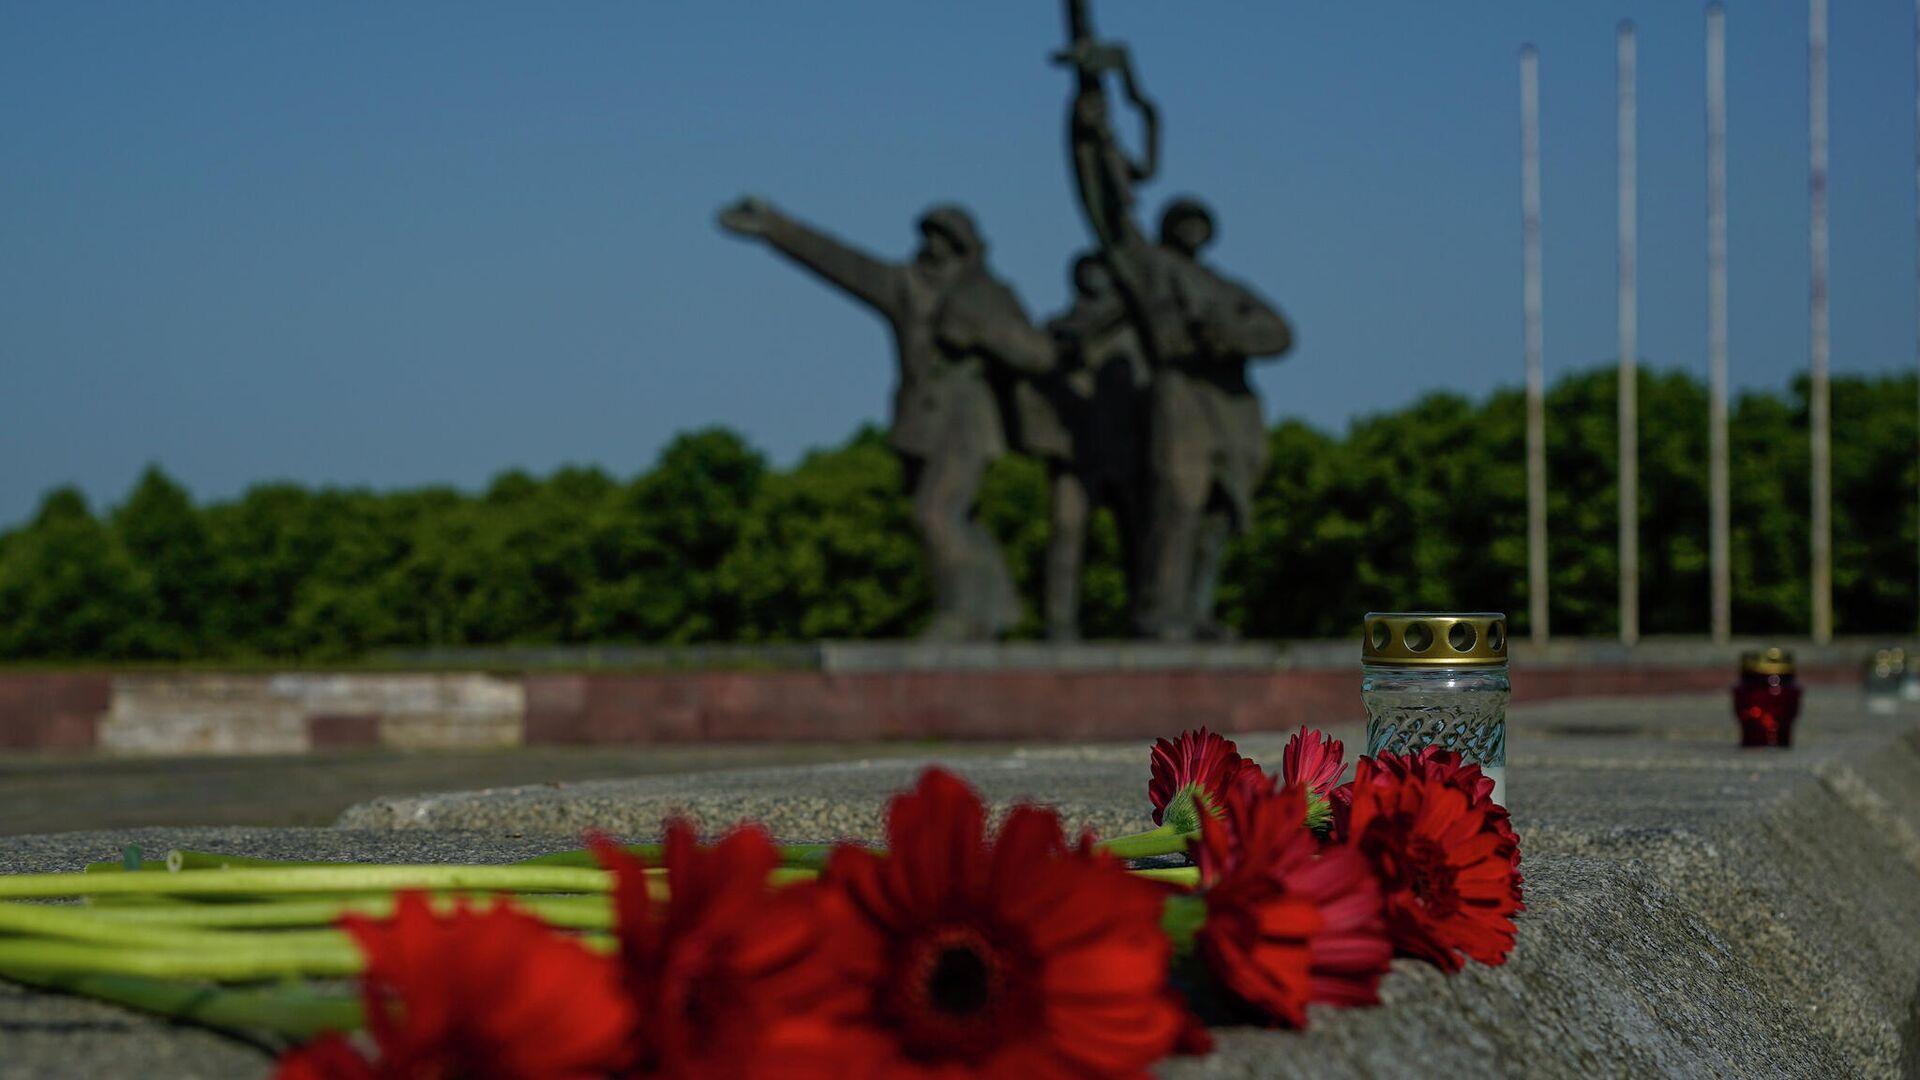 Цветы у монумента Освободителям в Риге - Sputnik Латвия, 1920, 23.06.2021